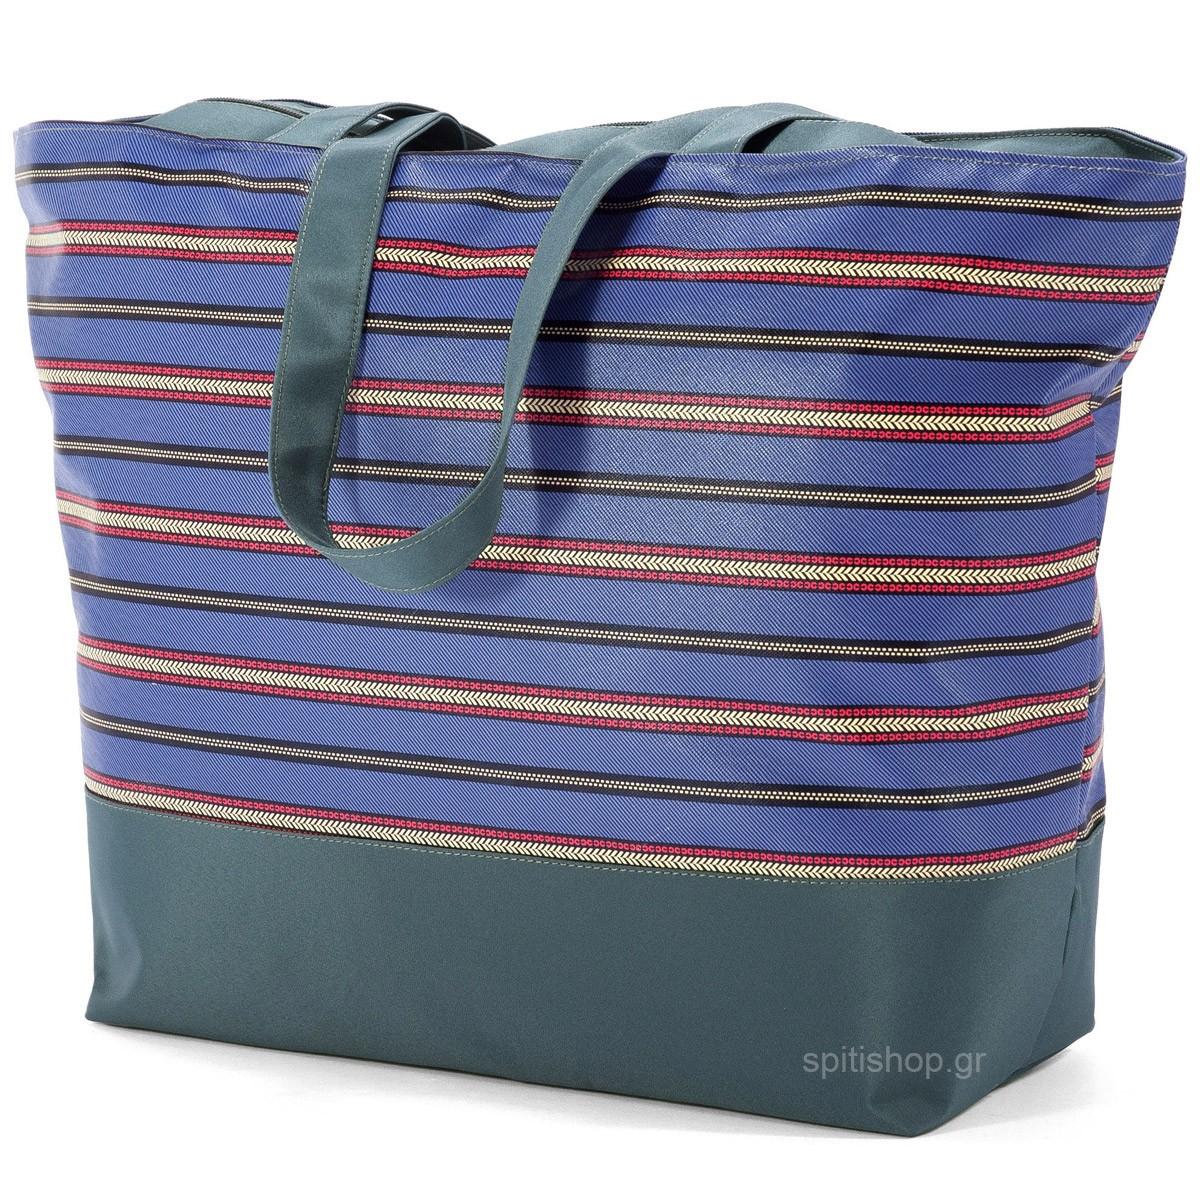 Τσάντα Παραλίας Benzi 5003 Col4 home   θαλάσσης   τσάντες θαλάσσης